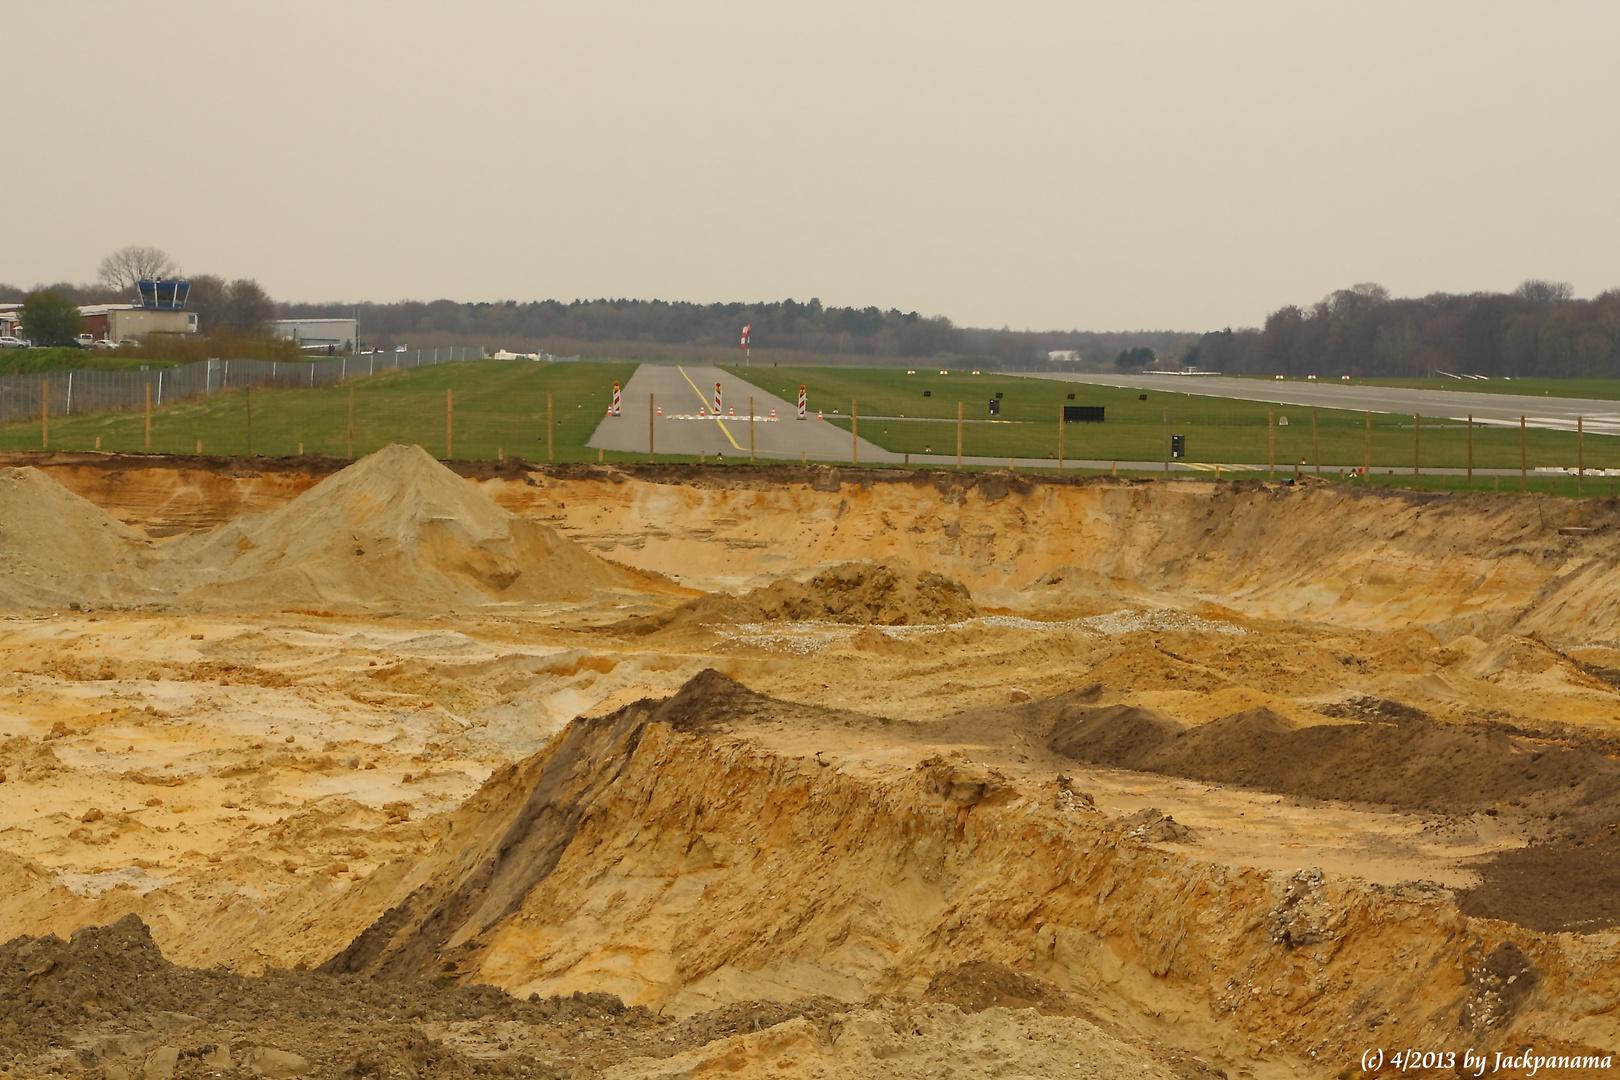 Sandgewinnung im Tagebau direkt am Flugplatz Schwarze Heide in Kirchhellen (1)